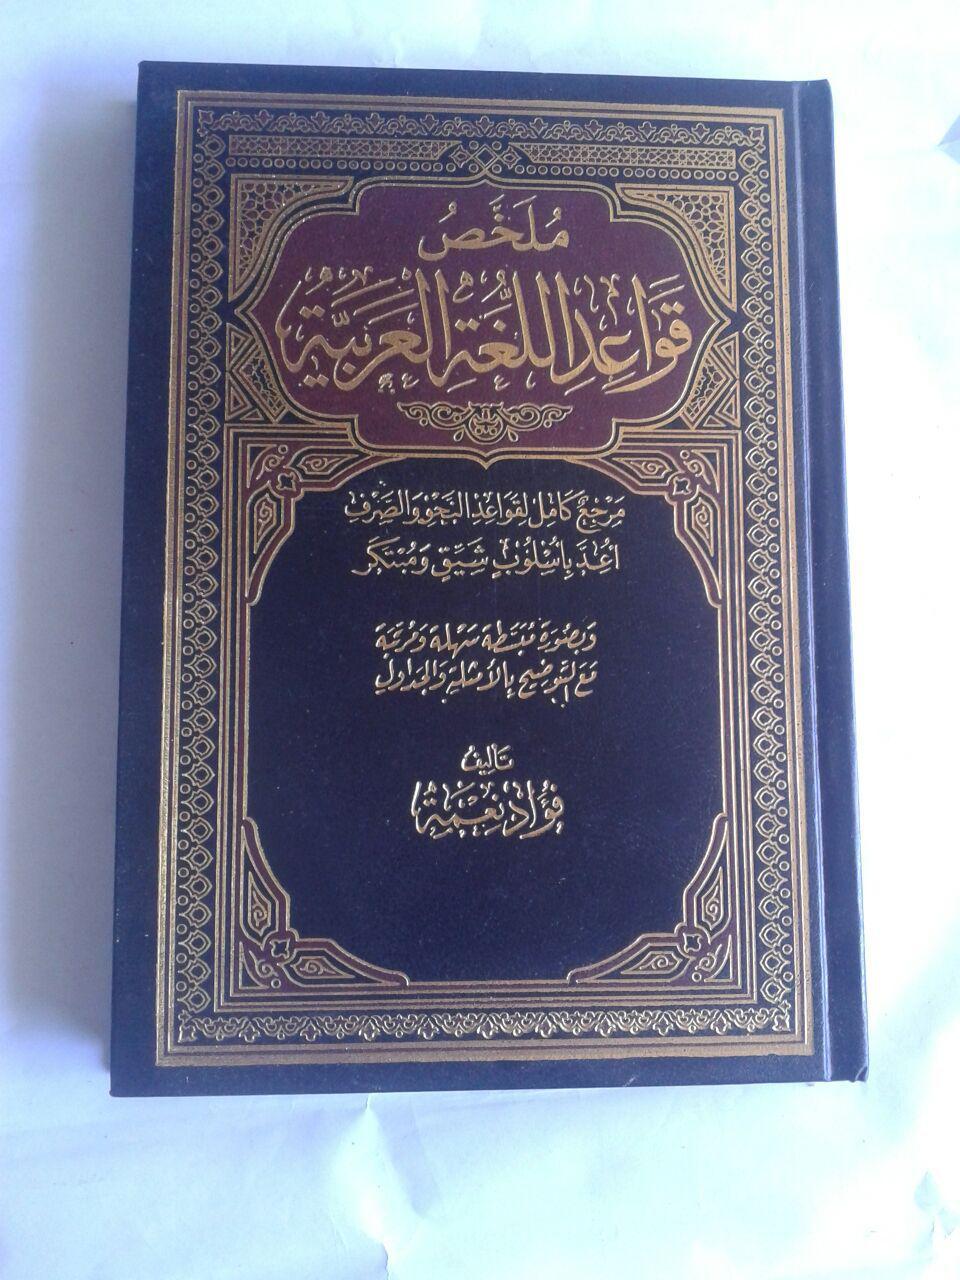 Kitab Kaidah Nahwu Shorof Mulakhosh Qowa'id Al-'Arobiyyah Lux cover